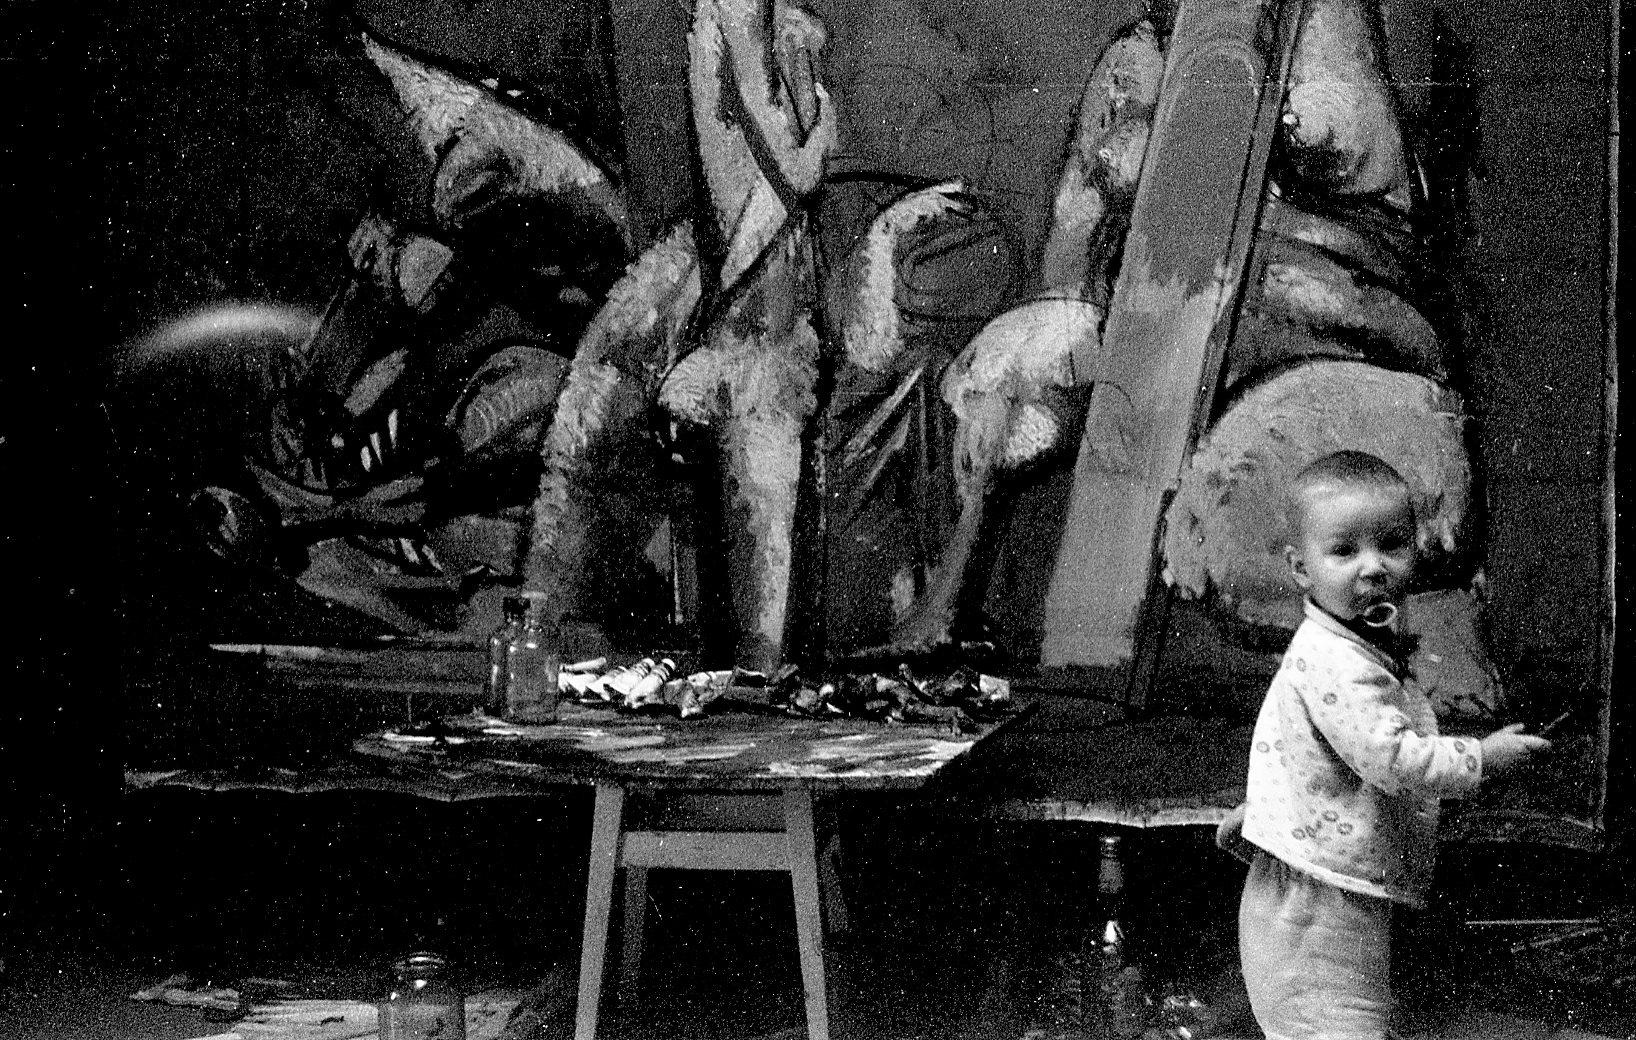 2_Степан Рябченко. 16 станция Большого Фонтана, Одесса, 1989 (фото из семейного архива)